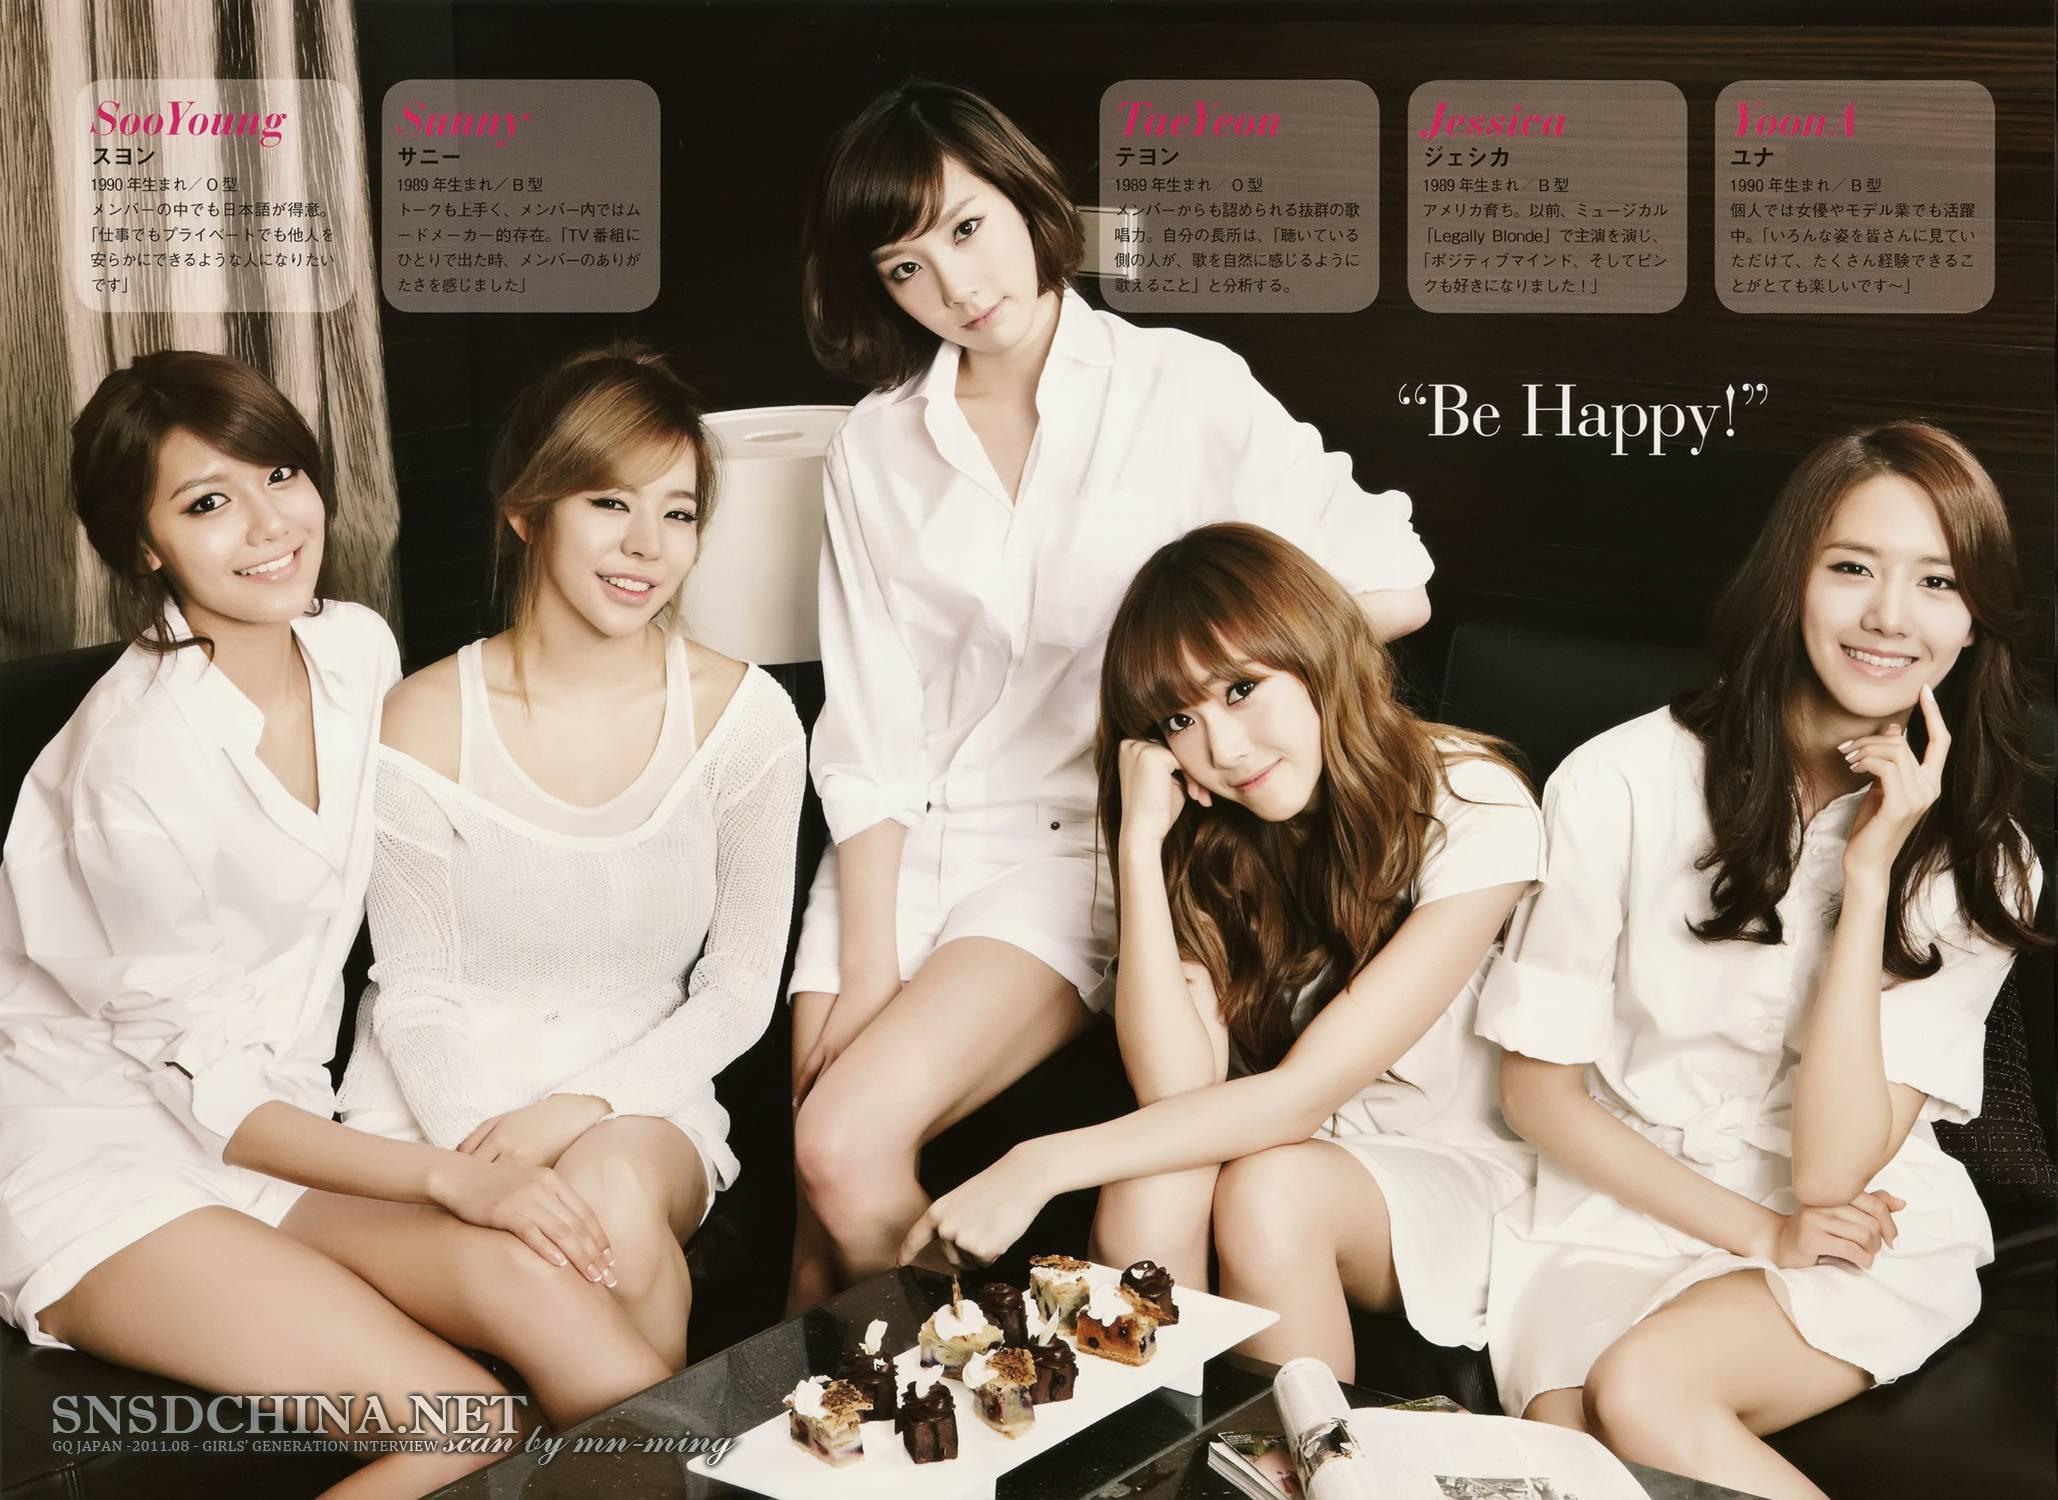 berikut foto foto update snsd pada majalah pria gq jepang check it out